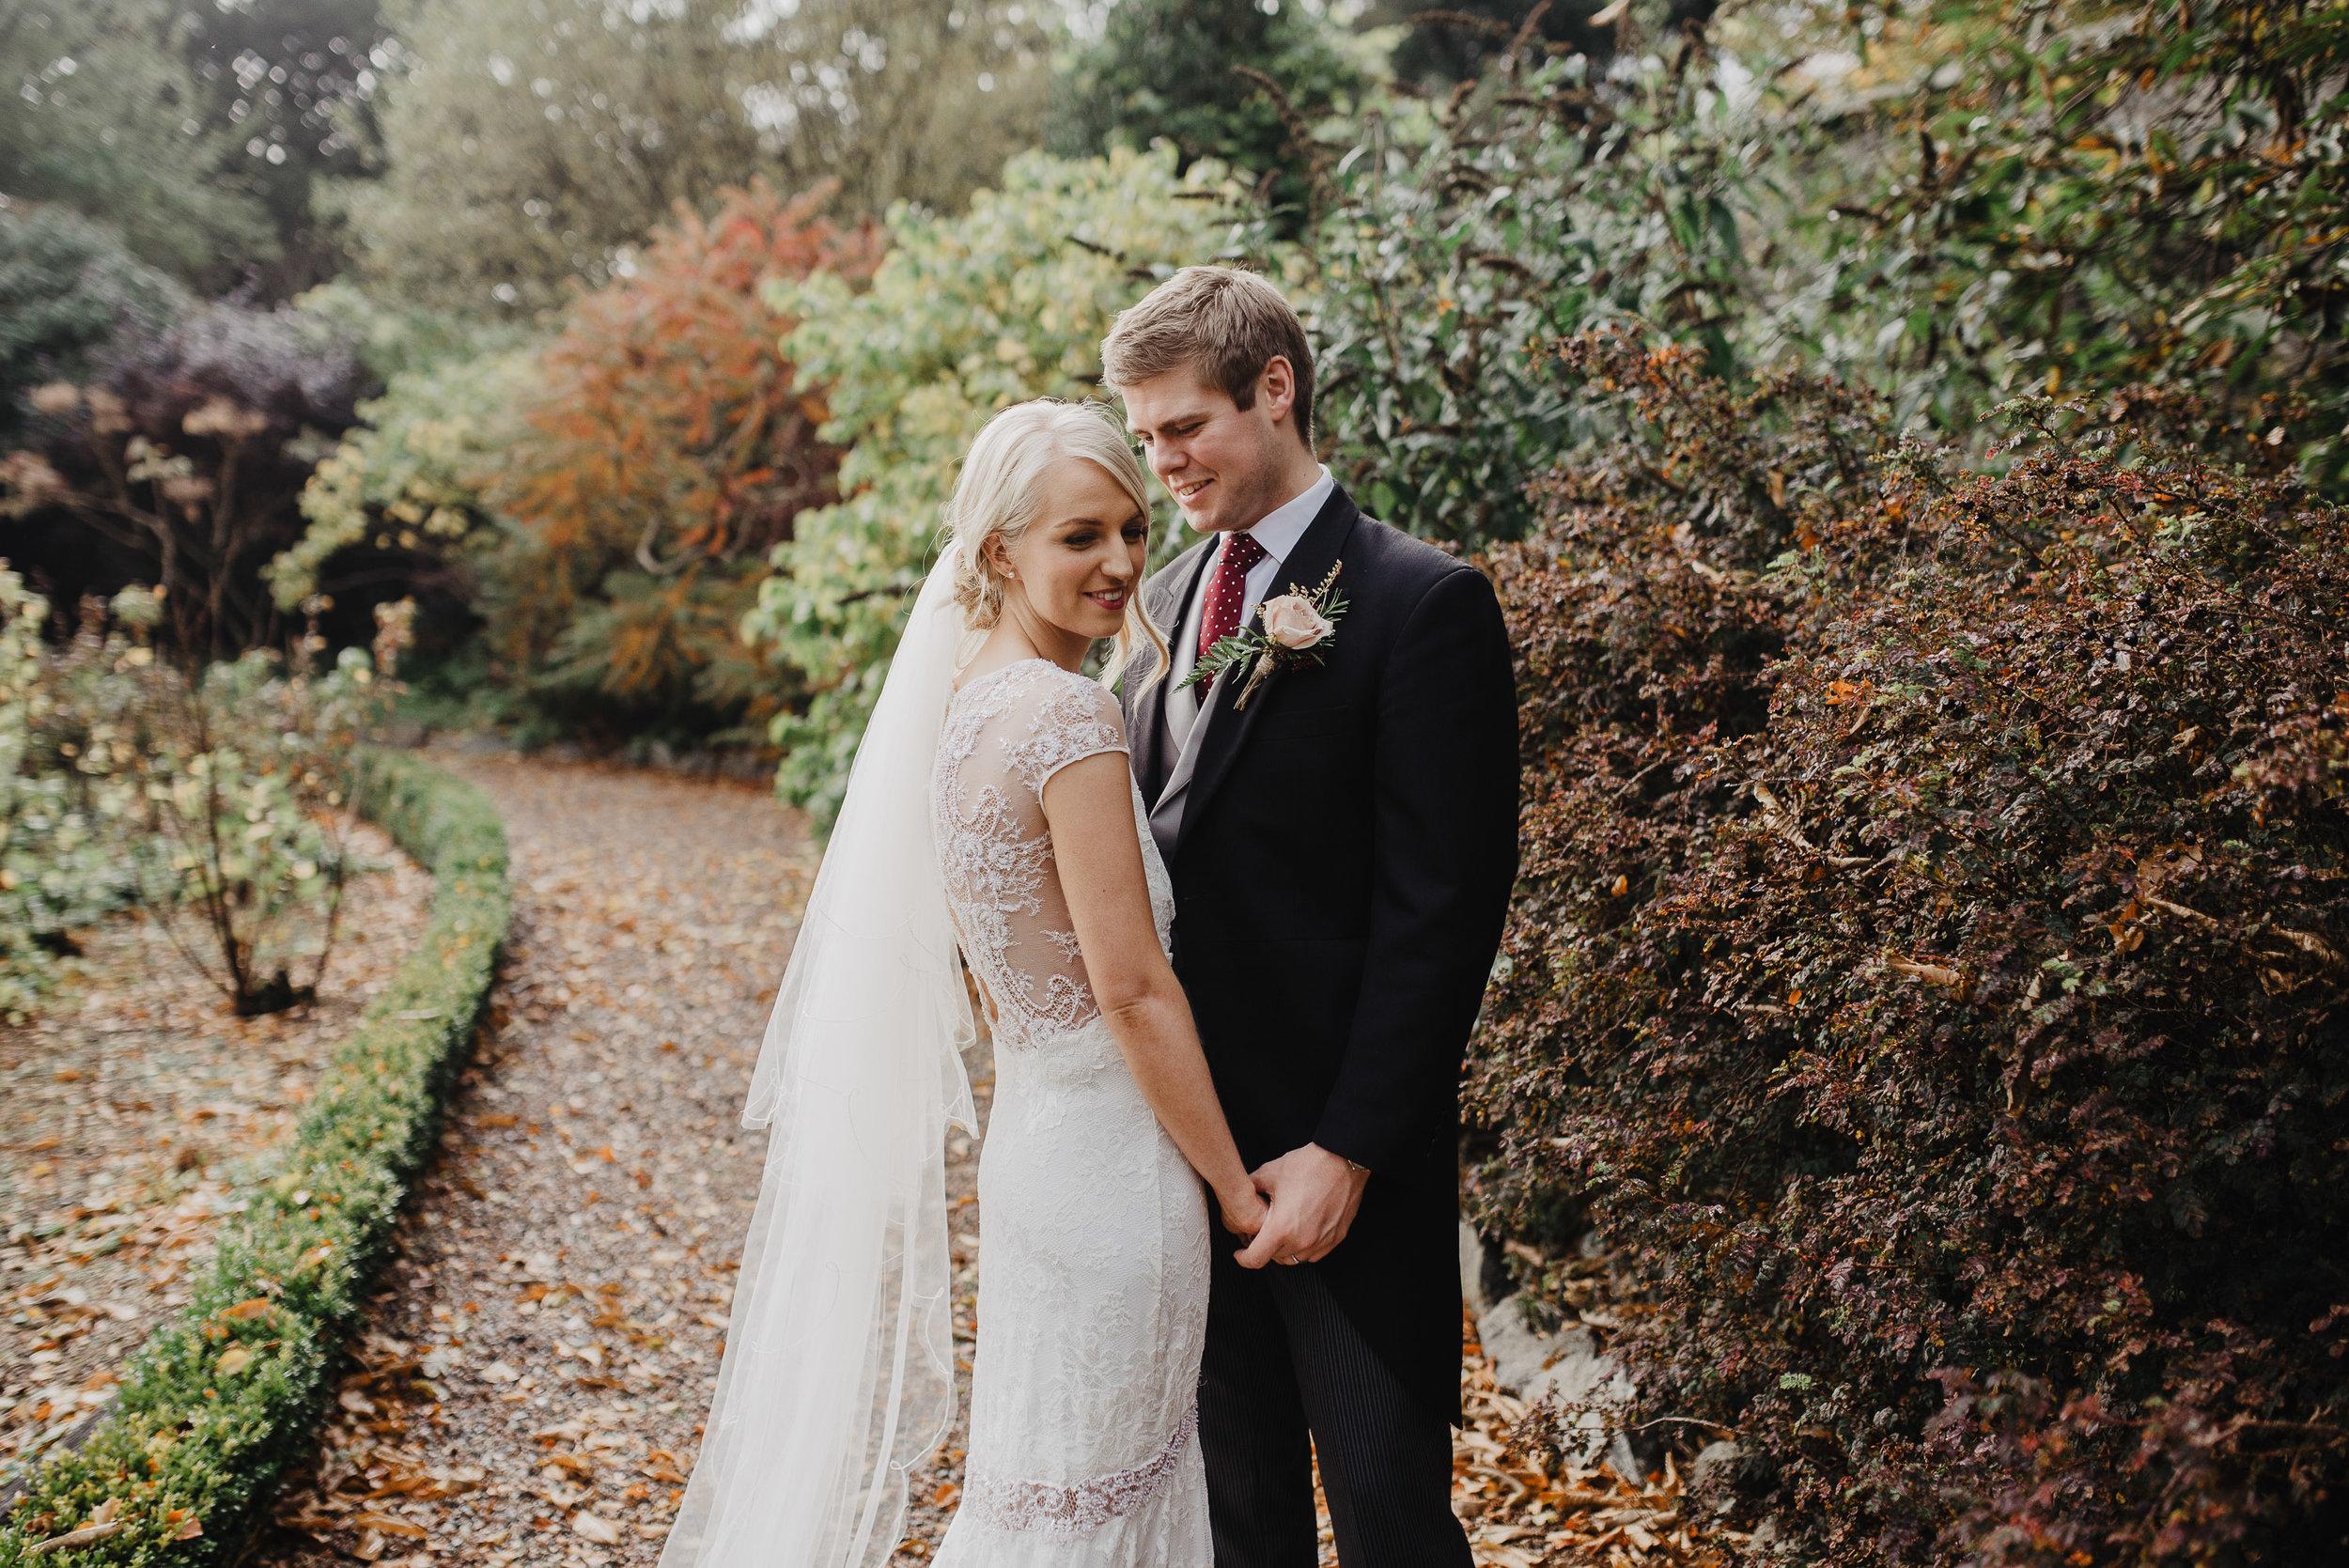 larchfield estate wedding photos-104.jpg